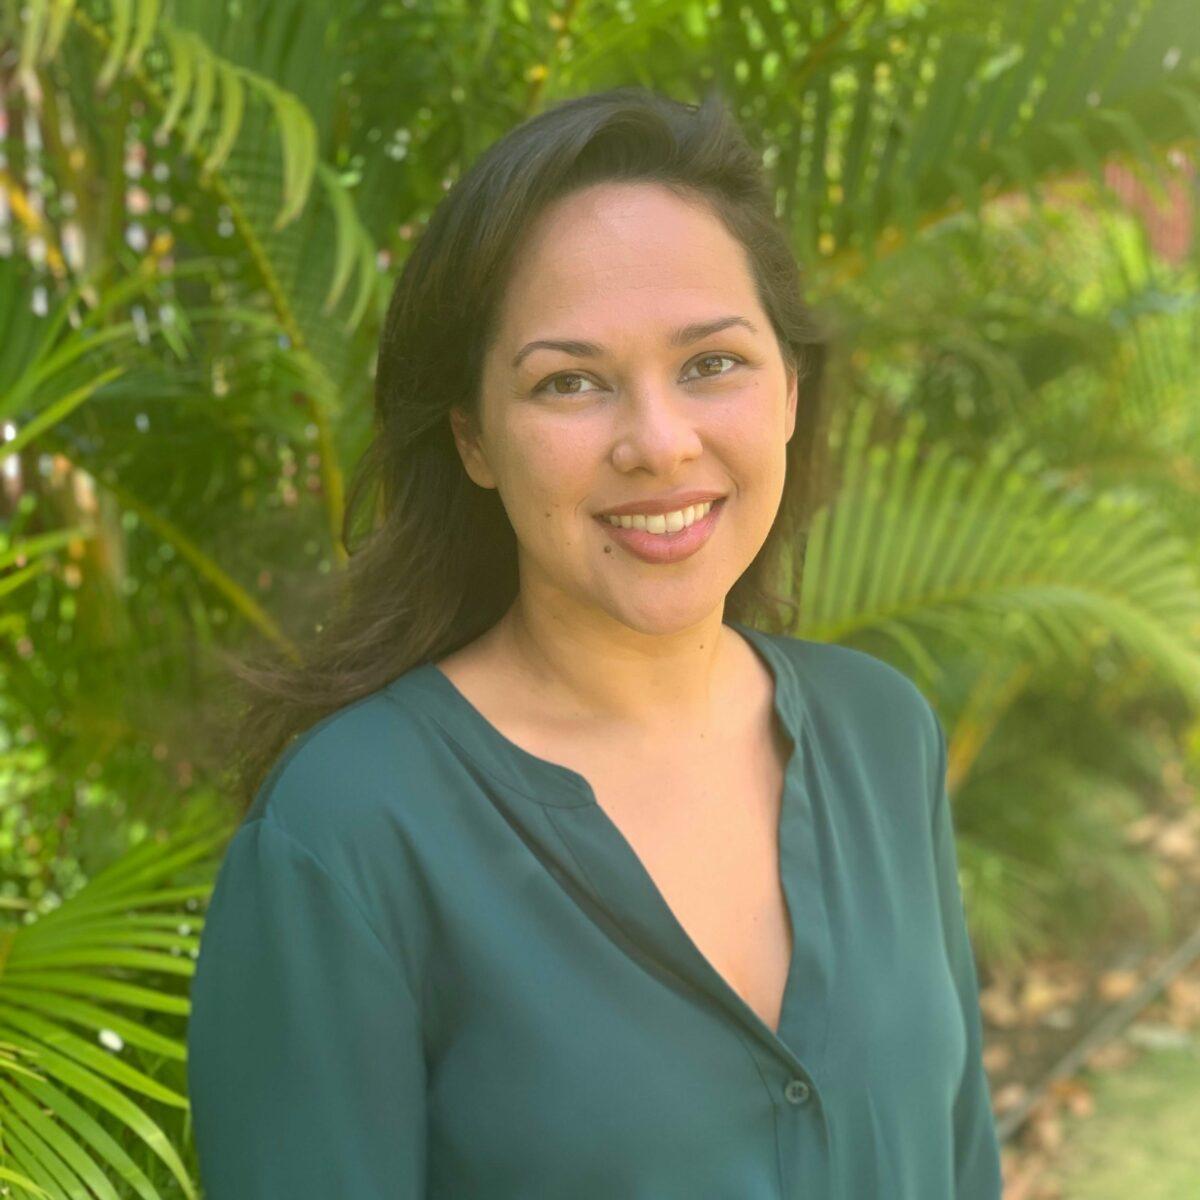 Rebecca Kaʻanehe headshot